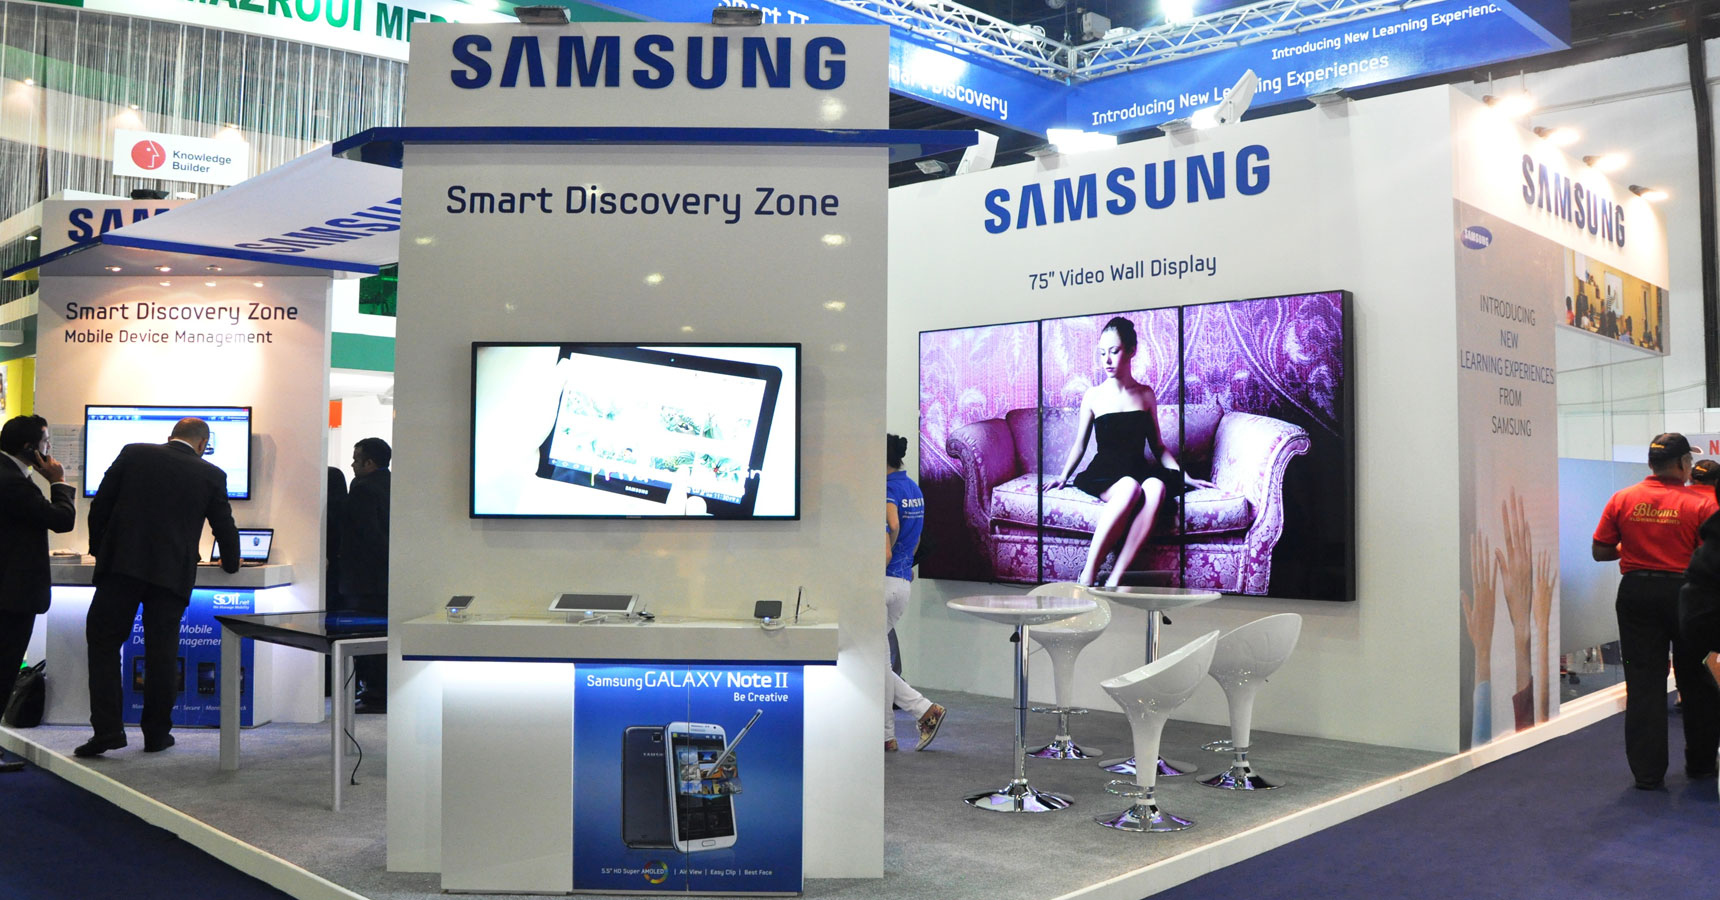 Samsung espera recuperar sus beneficios lanzando una nueva línea de smarpthones durante los últimas cuatro meses del año.